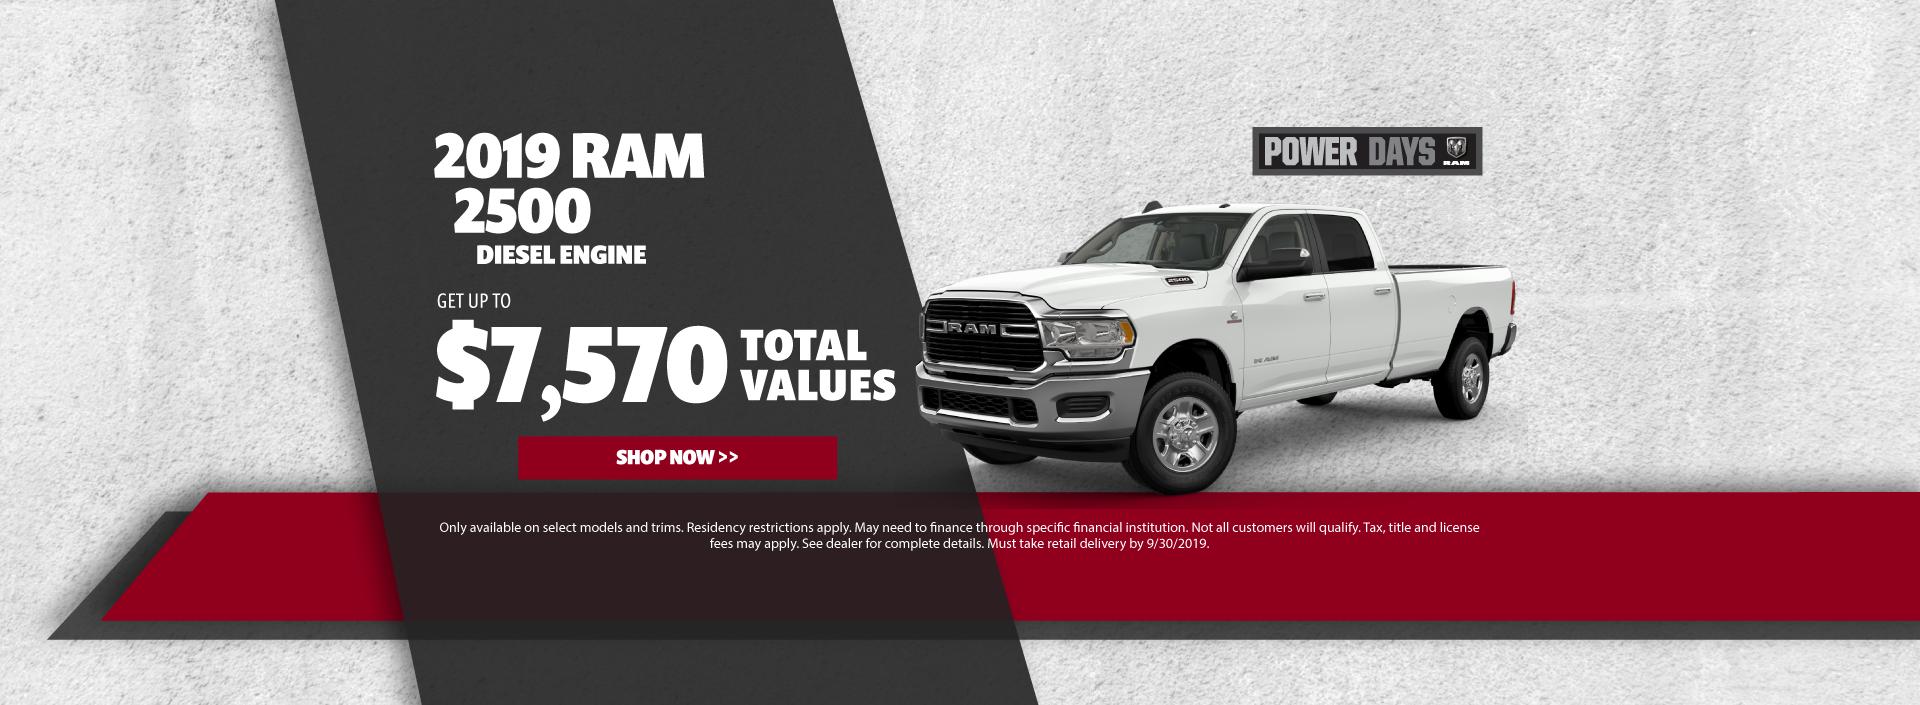 2019 Ram 2500 Cash Offer